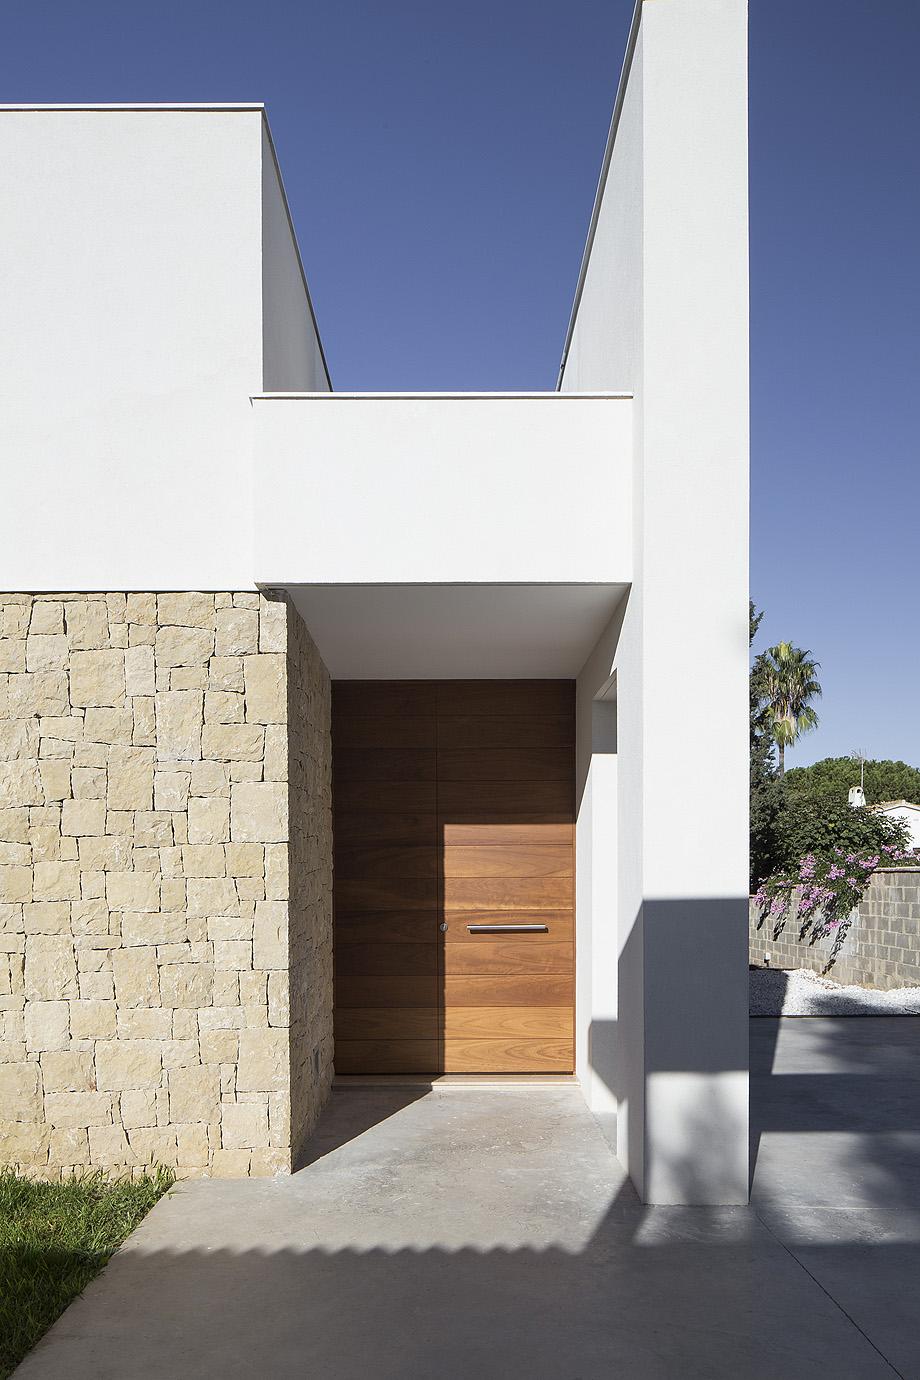 casa pi smb arquitectura + nonna design projects - foto david zarzoso (1)